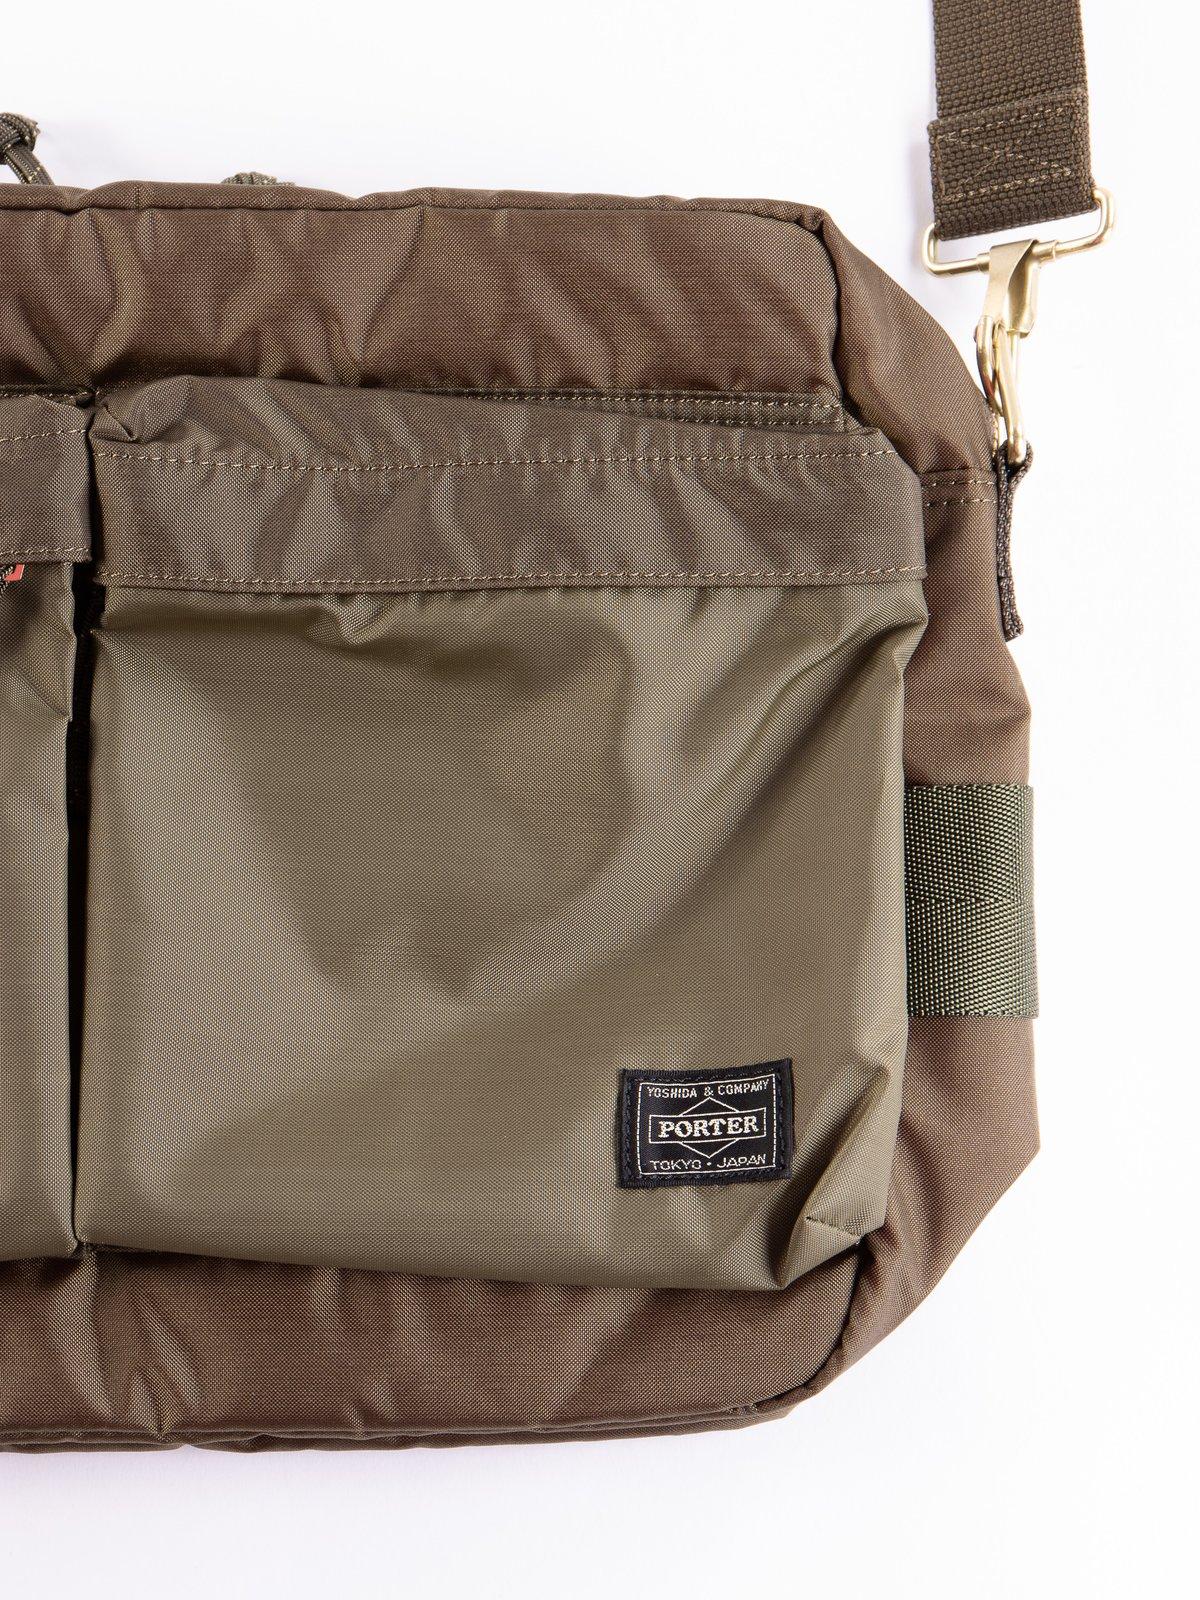 Olive Drab Medium Force Shoulder Bag - Image 2